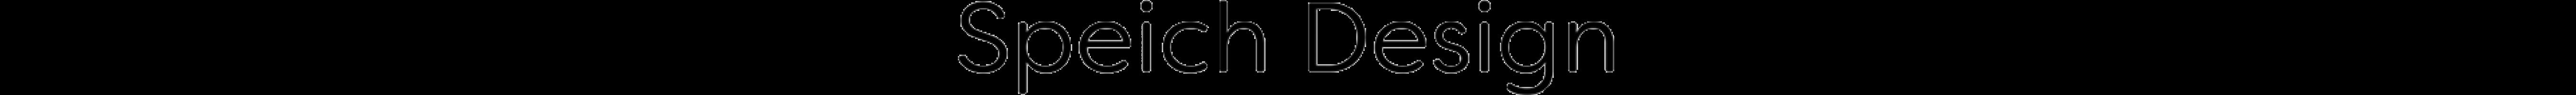 Speich Design